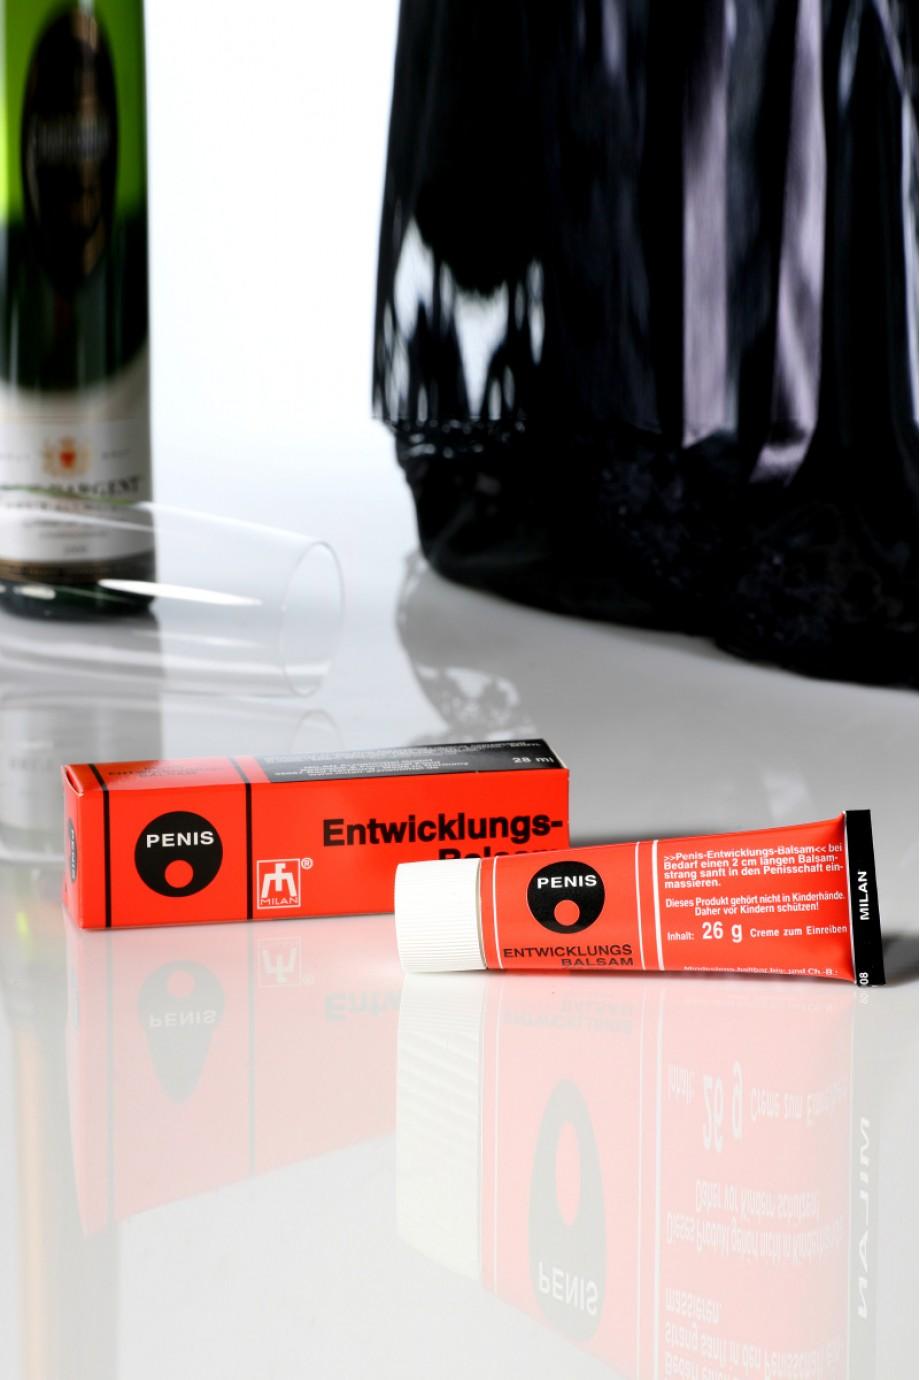 Крем для увеличения пениса Milan Entwicklungs-Balsam, 28 мл